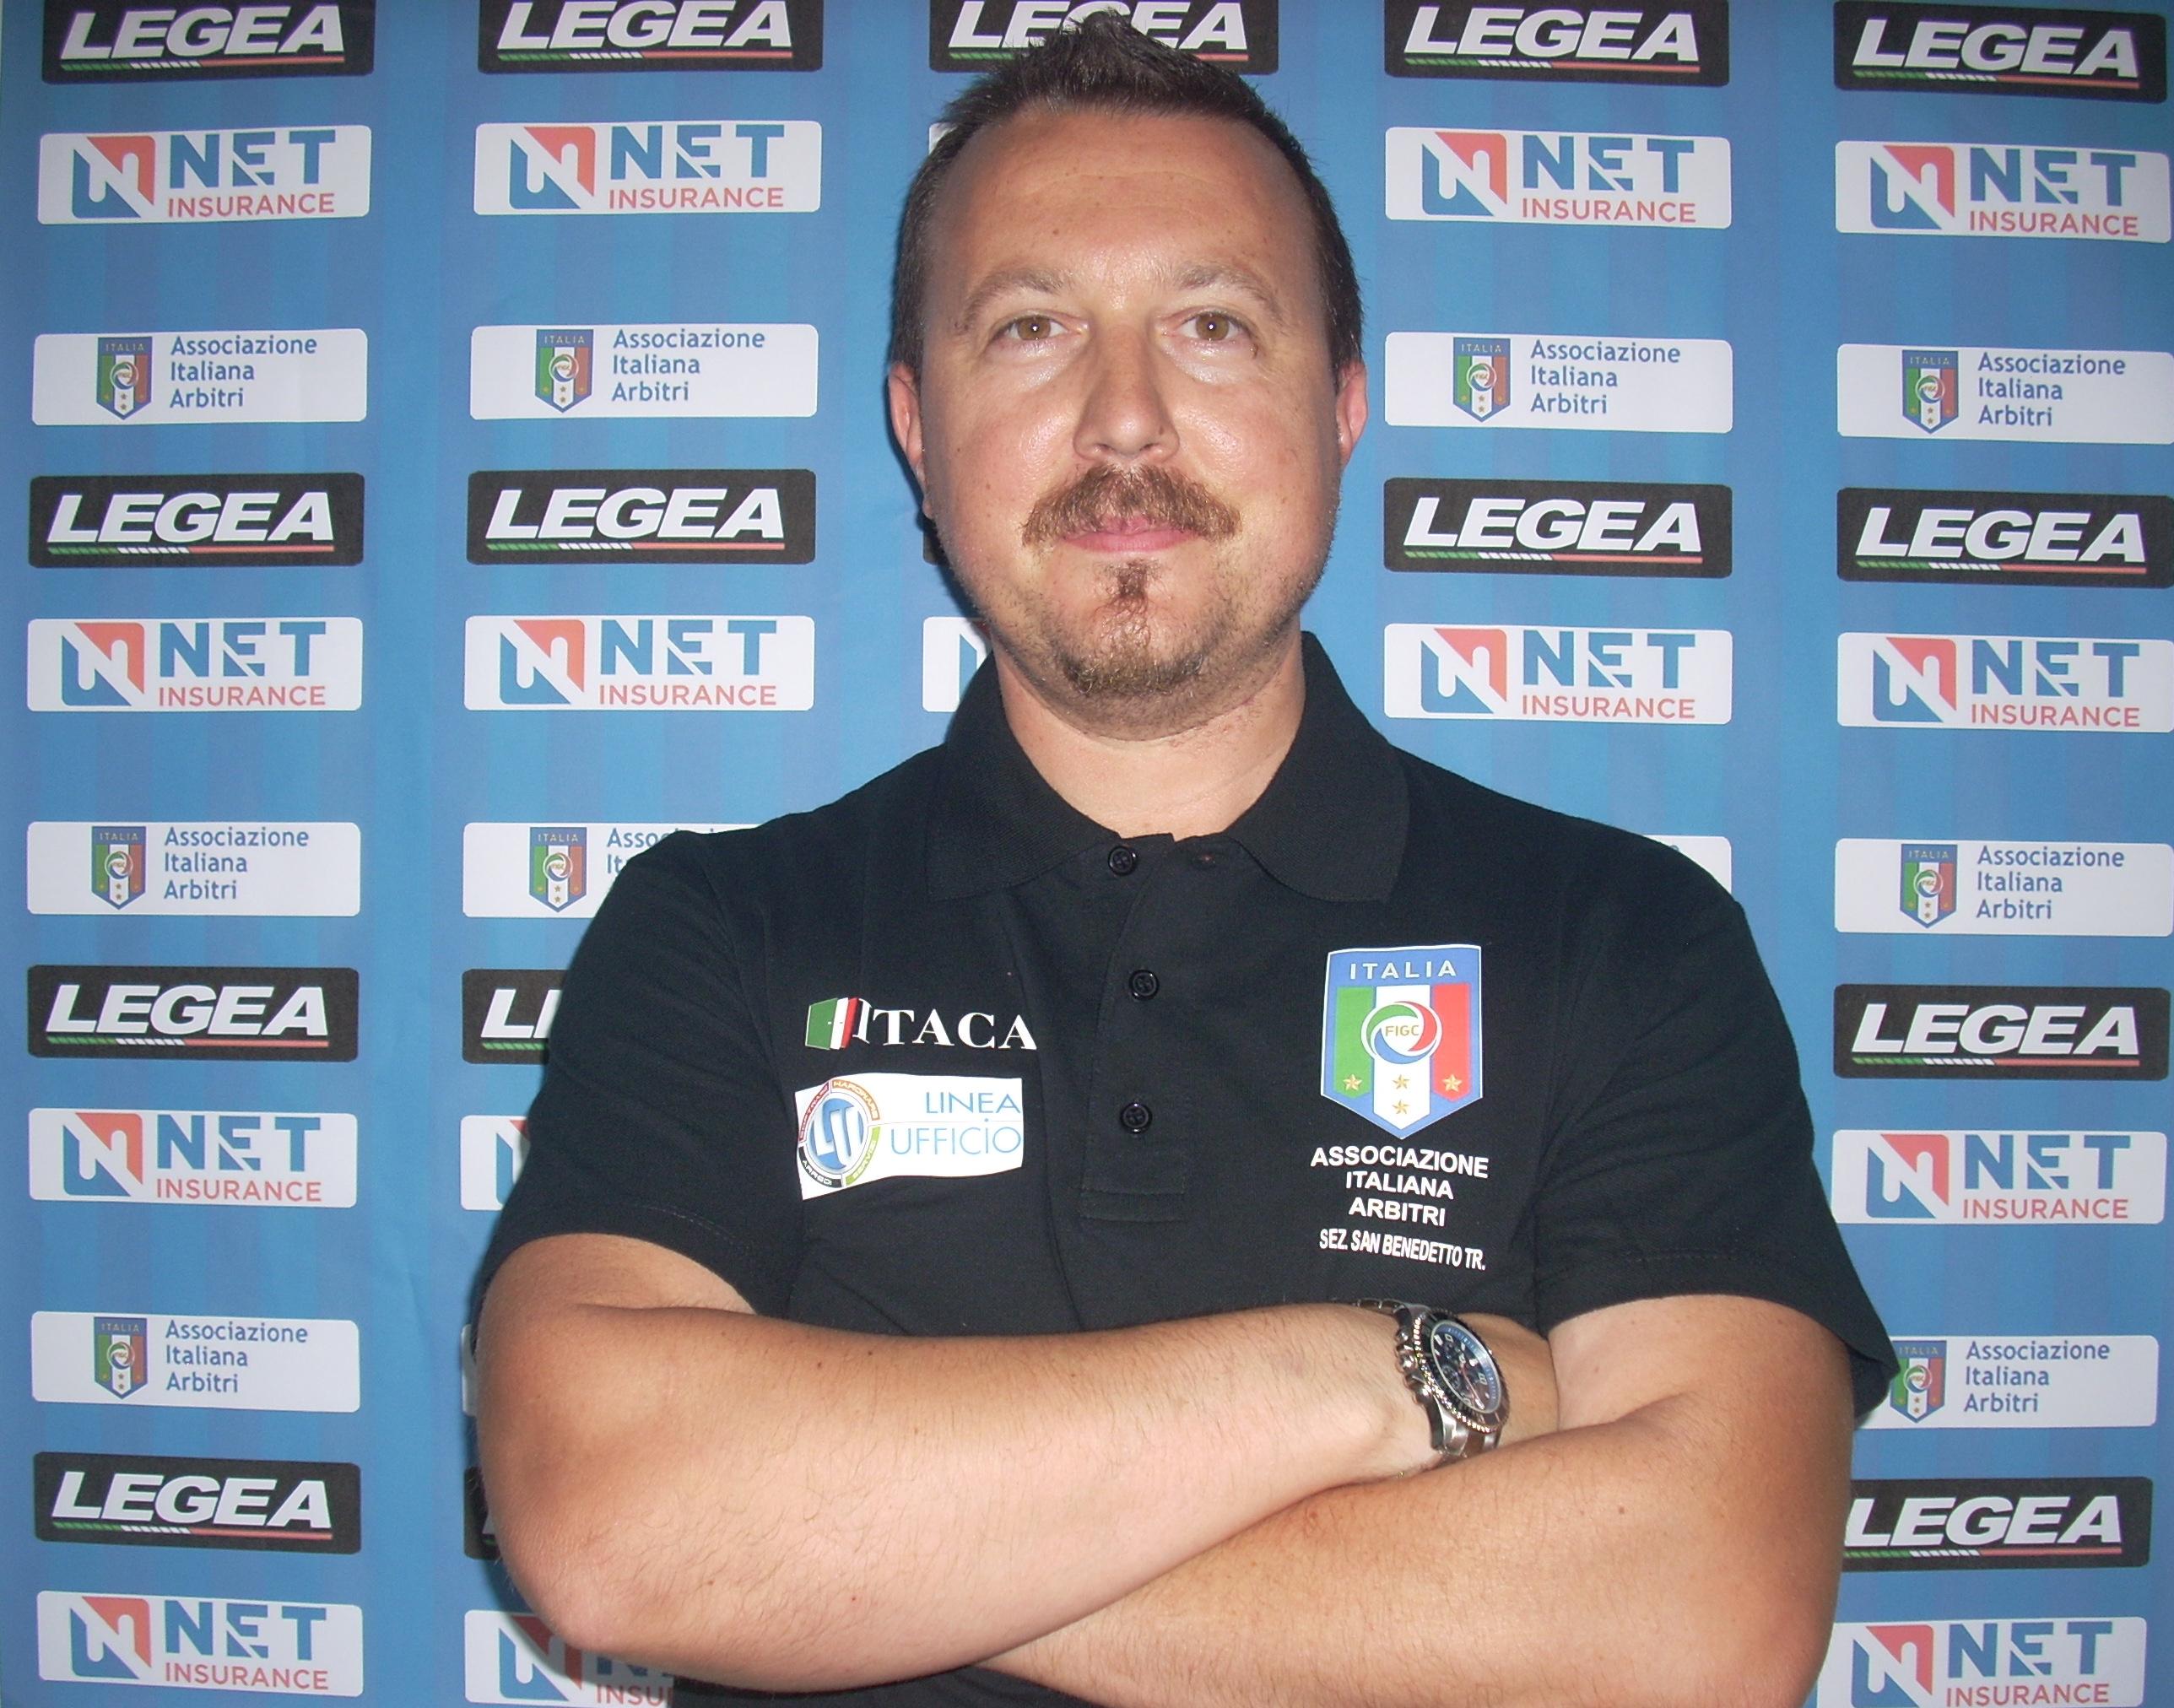 FABRIZIO VERCELLI